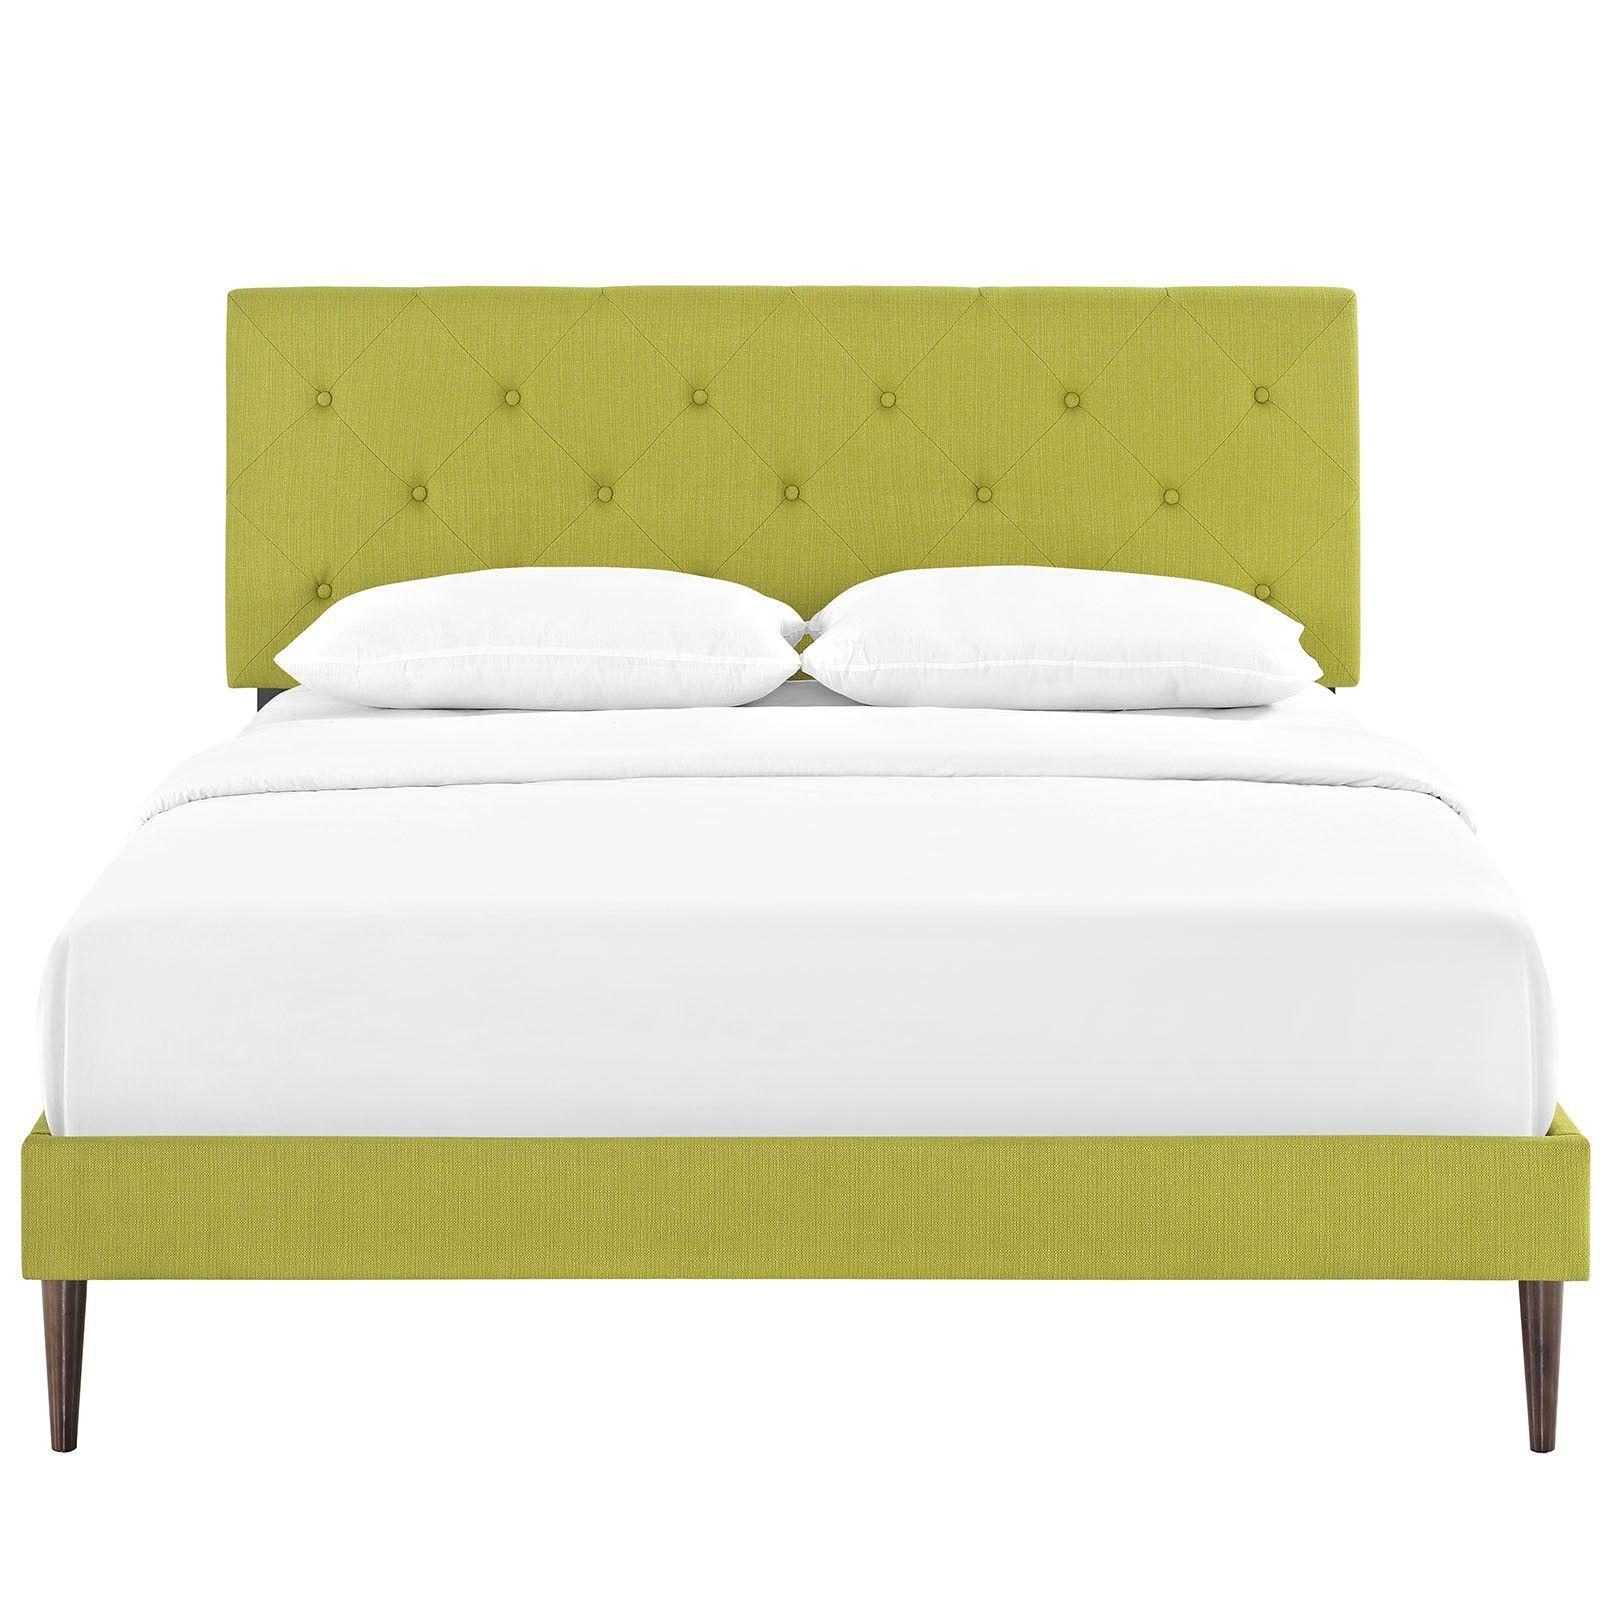 Terisa Upholstered Platform Bed